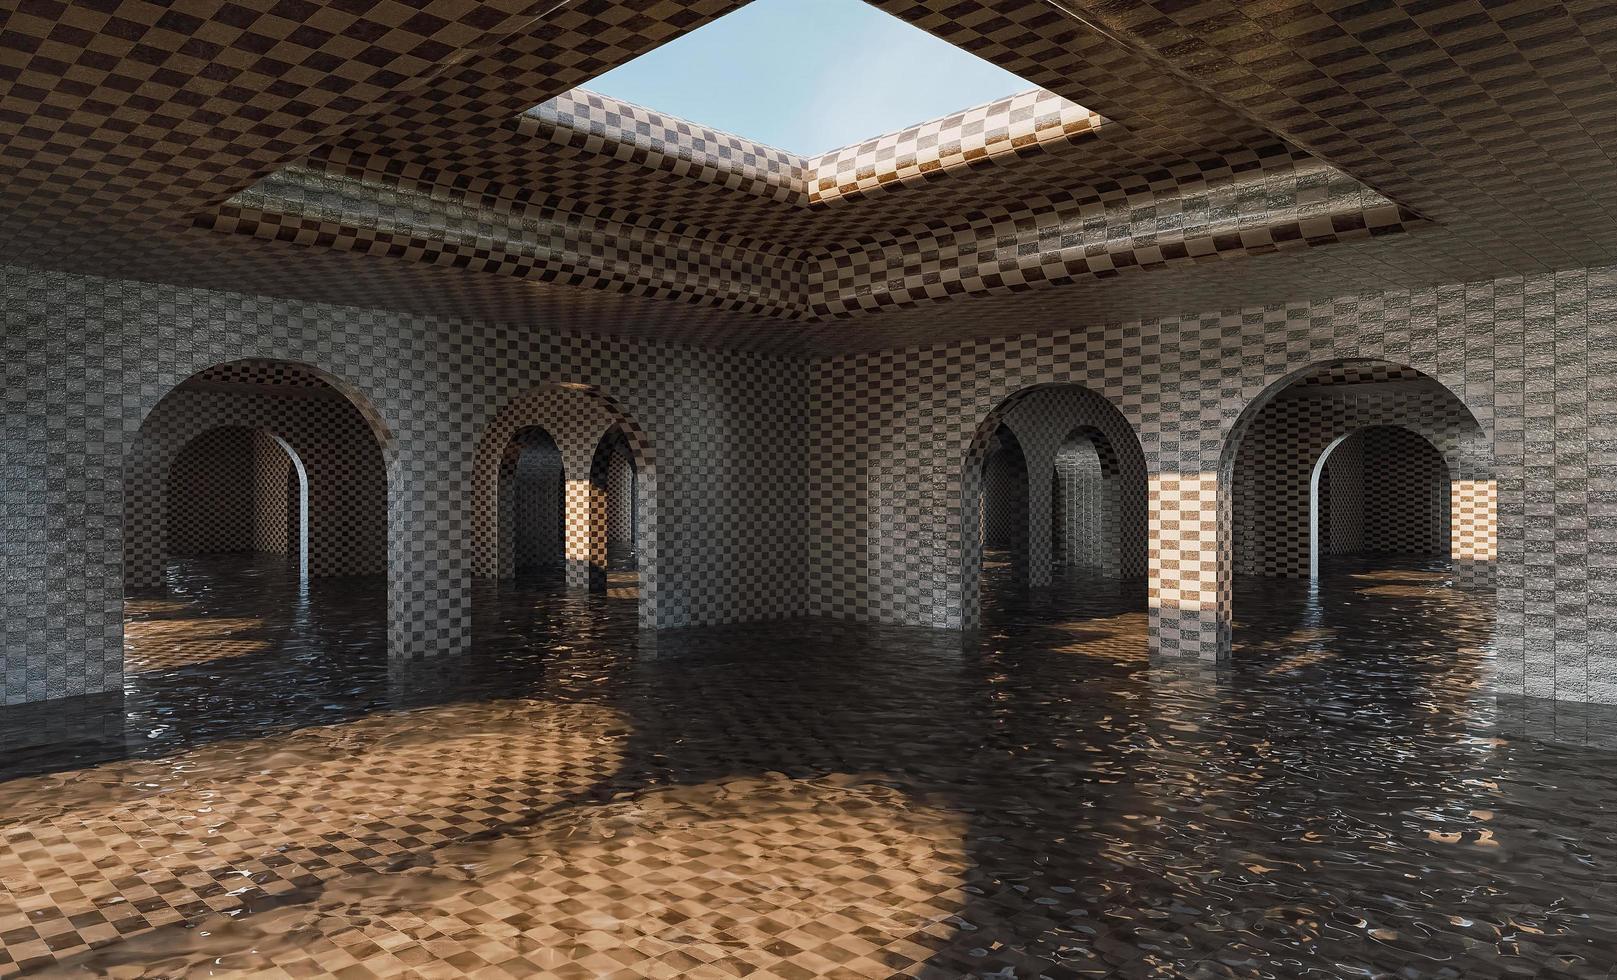 galería inundada de arcos con textura de mosaico foto